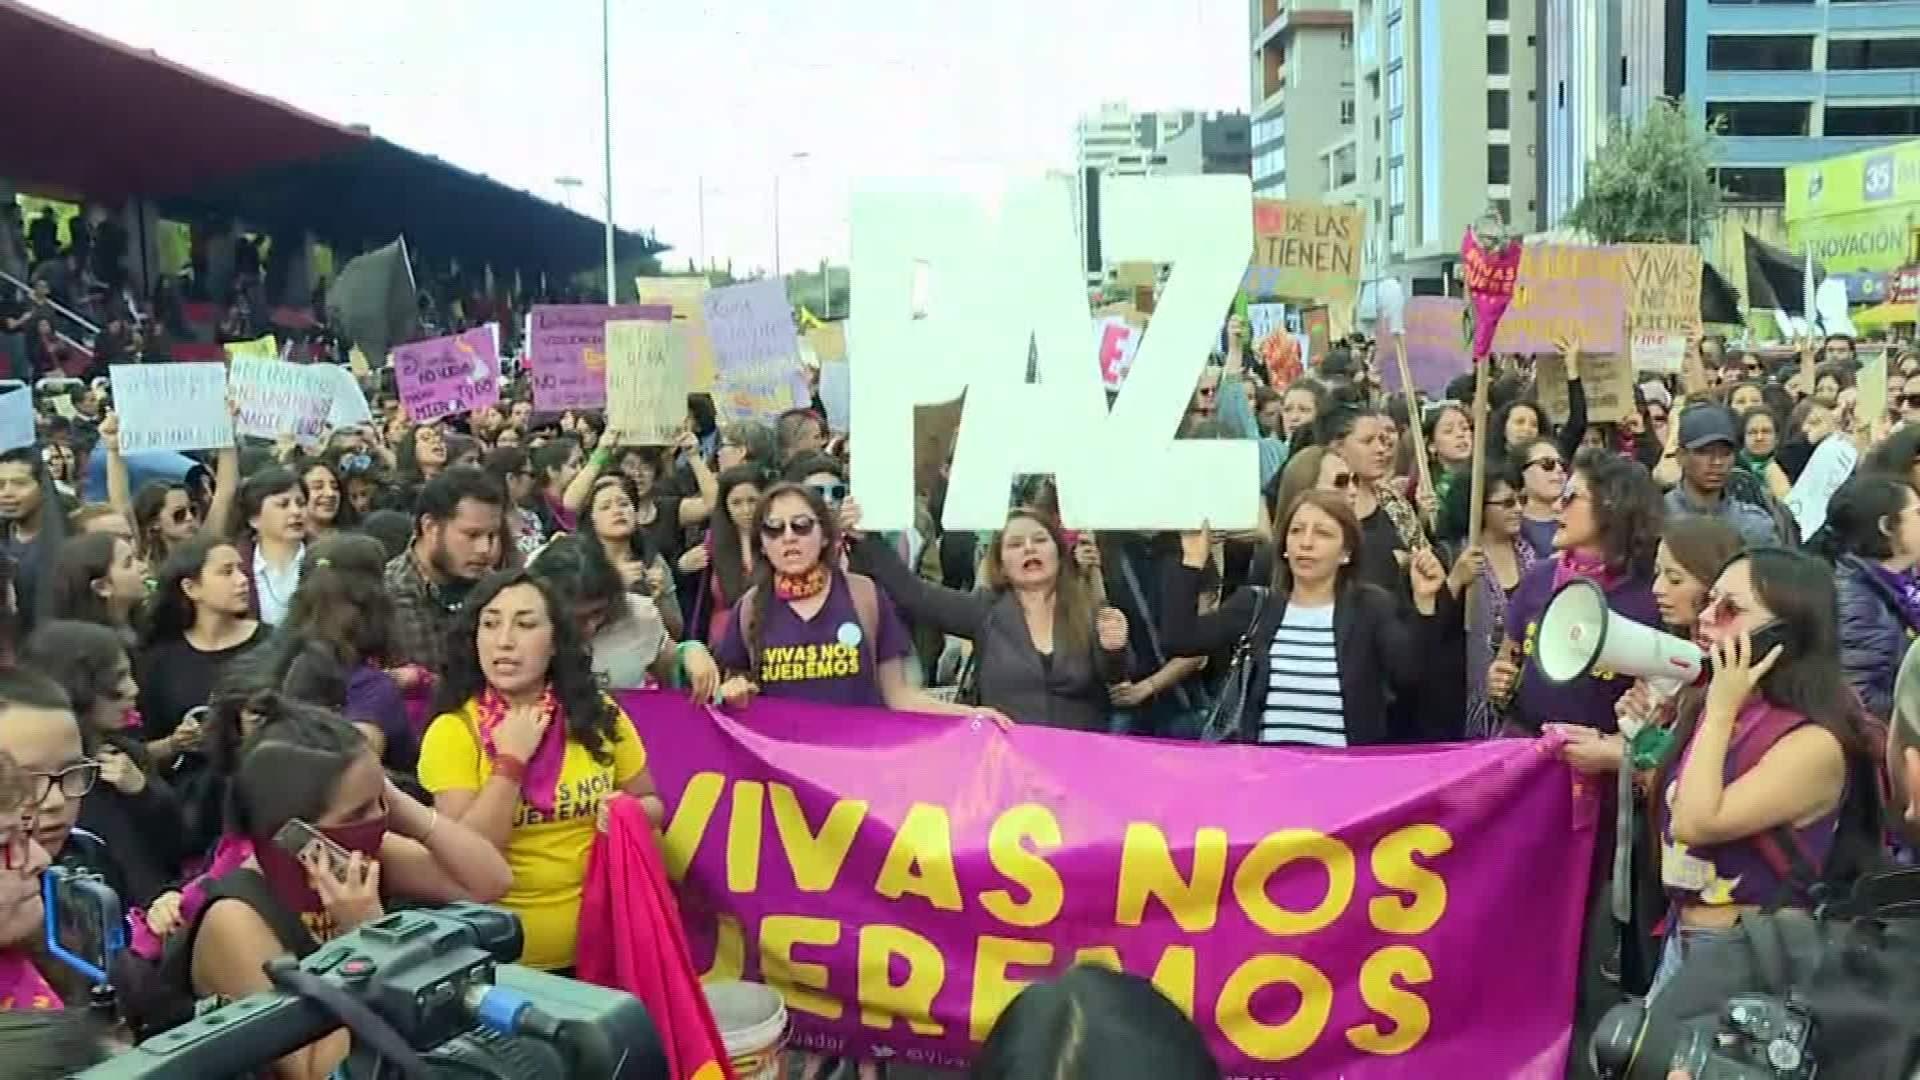 Siguen las protestas por asesinato de mujer embarazada  | Noticias | Mundo | EL FRENTE